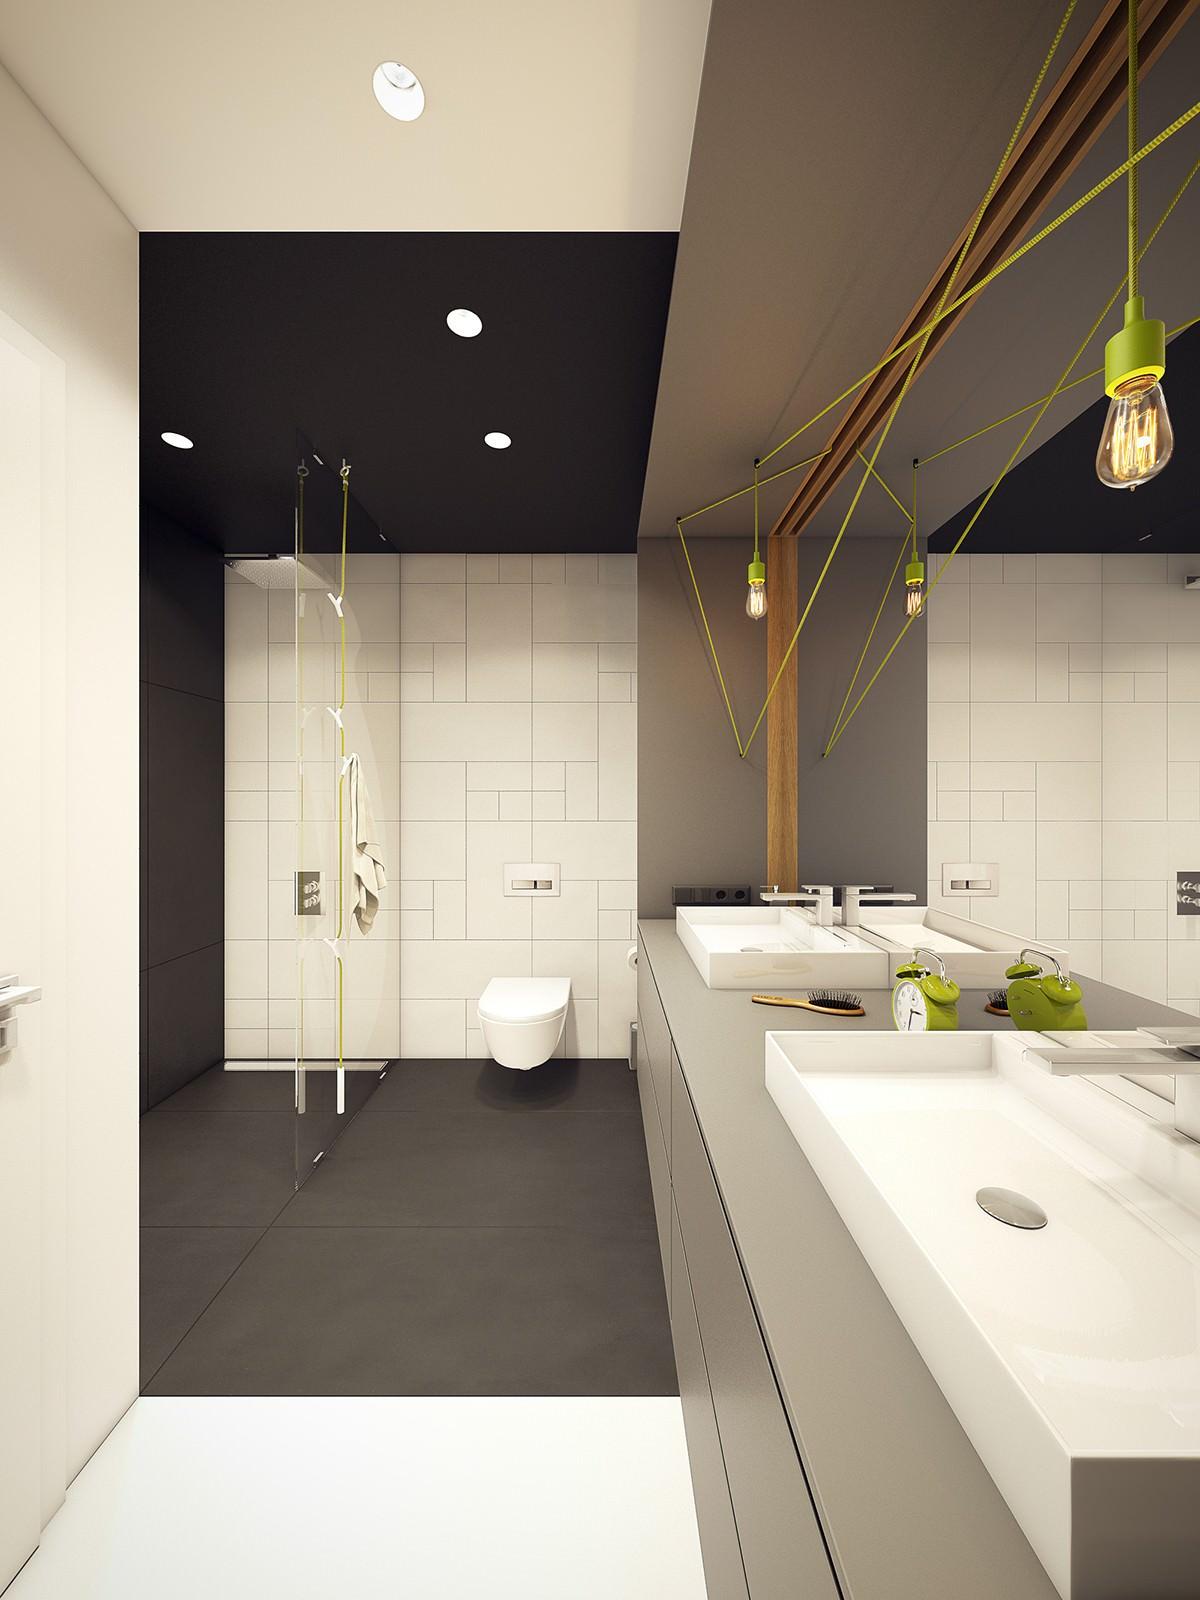 interioren-proekt-za-apartament-v-moderen-skandinavski-stil-923g